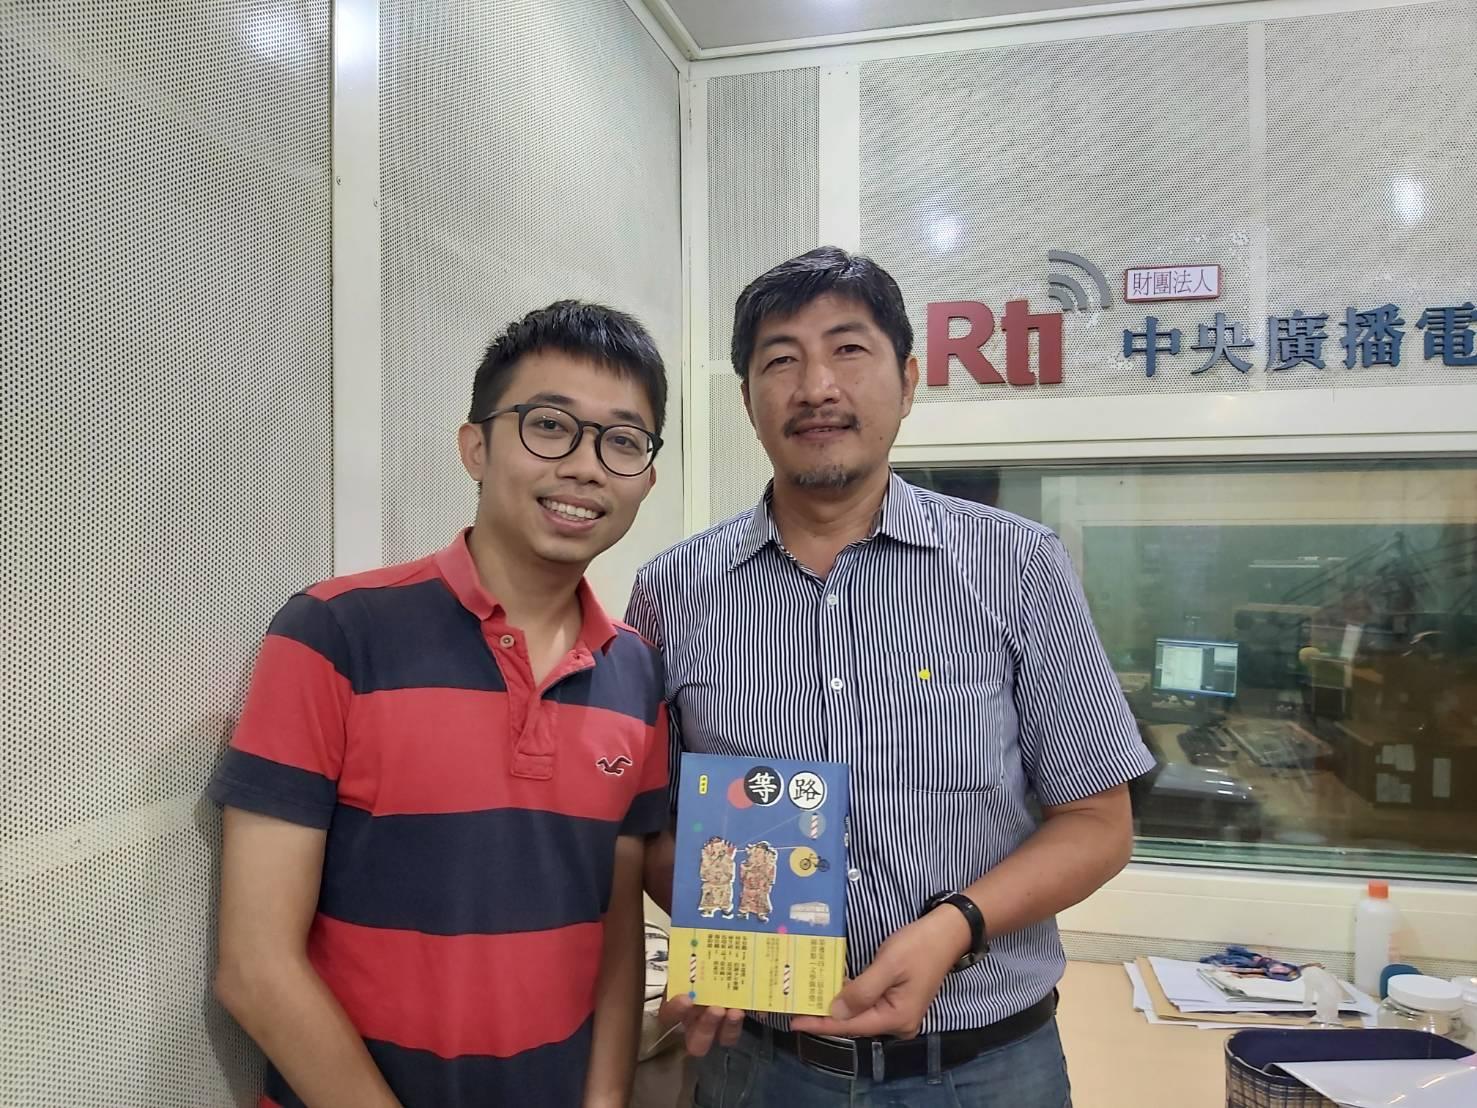 鮮活的語言,動人的台灣故事/洪明道